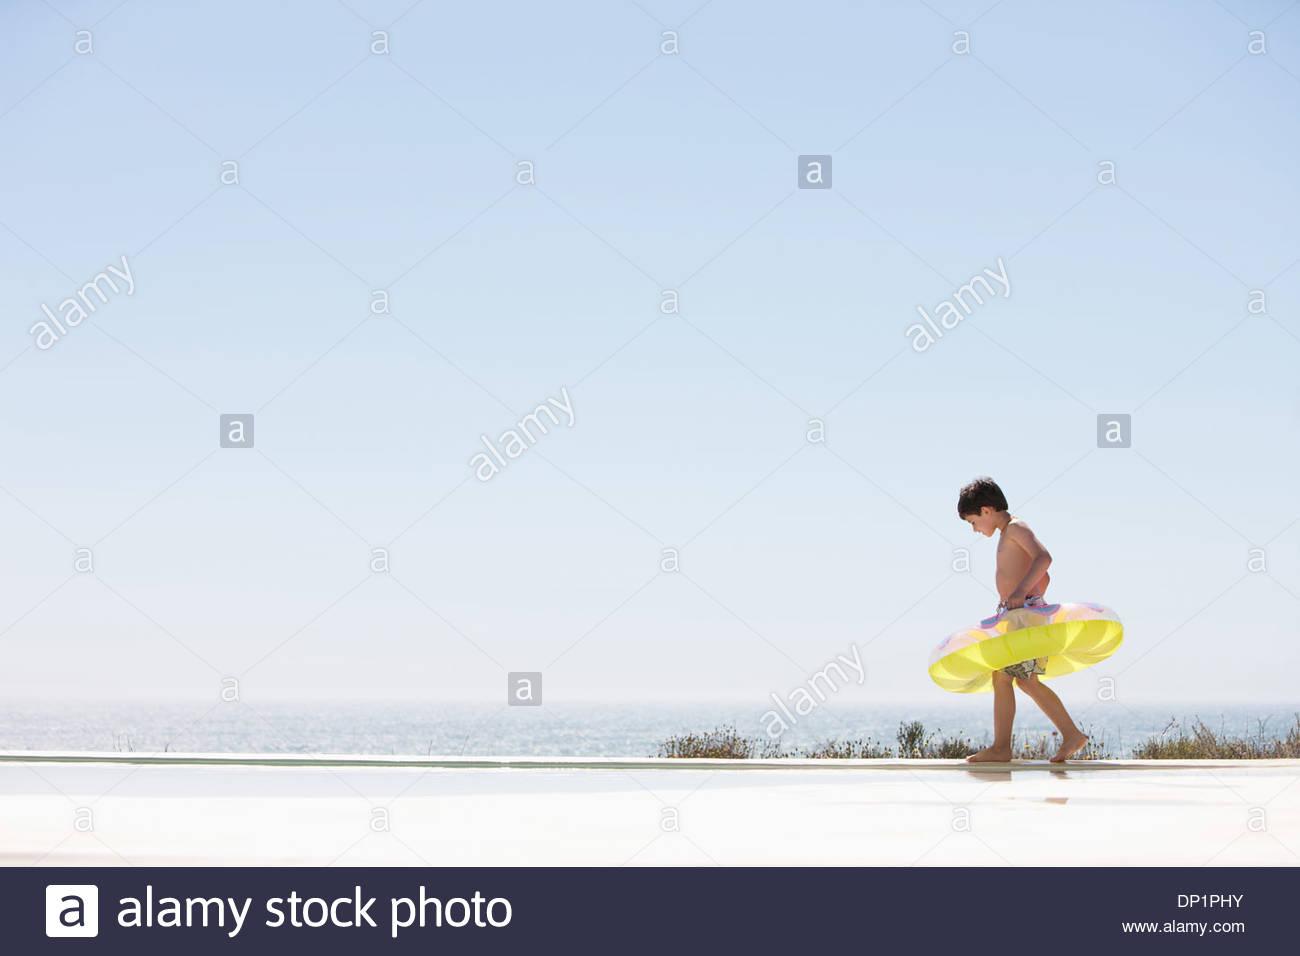 Garçon avec anneau gonflable faisant un pas hors de la piscine à débordement Photo Stock